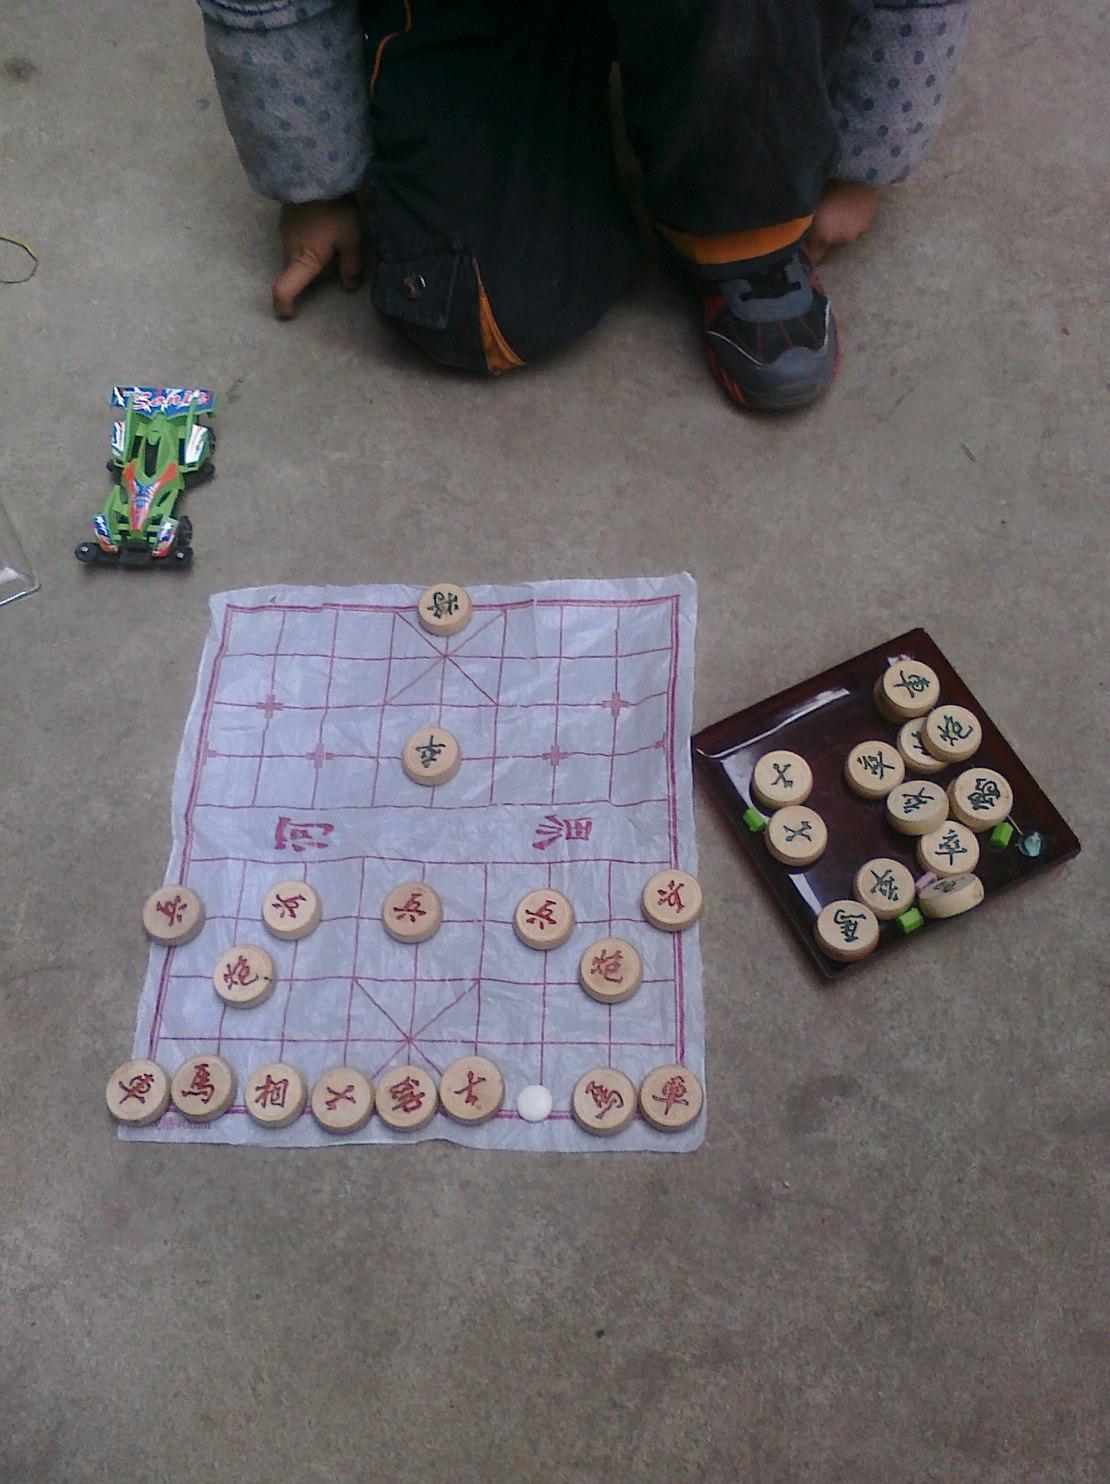 """堂弟似乎是刚学会下象棋 ——""""哥,来下象棋,来和我下象棋吧"""" ——""""不会,下不过你""""(我可没时间陪你个小屁孩玩....) ——""""没事没事,不会下,我可以让你棋子....."""" ——"""" 。。。。。。! 喂!!姑姑,我可以揍这熊孩子么? """" 说让我的,居然还留个卒子!"""